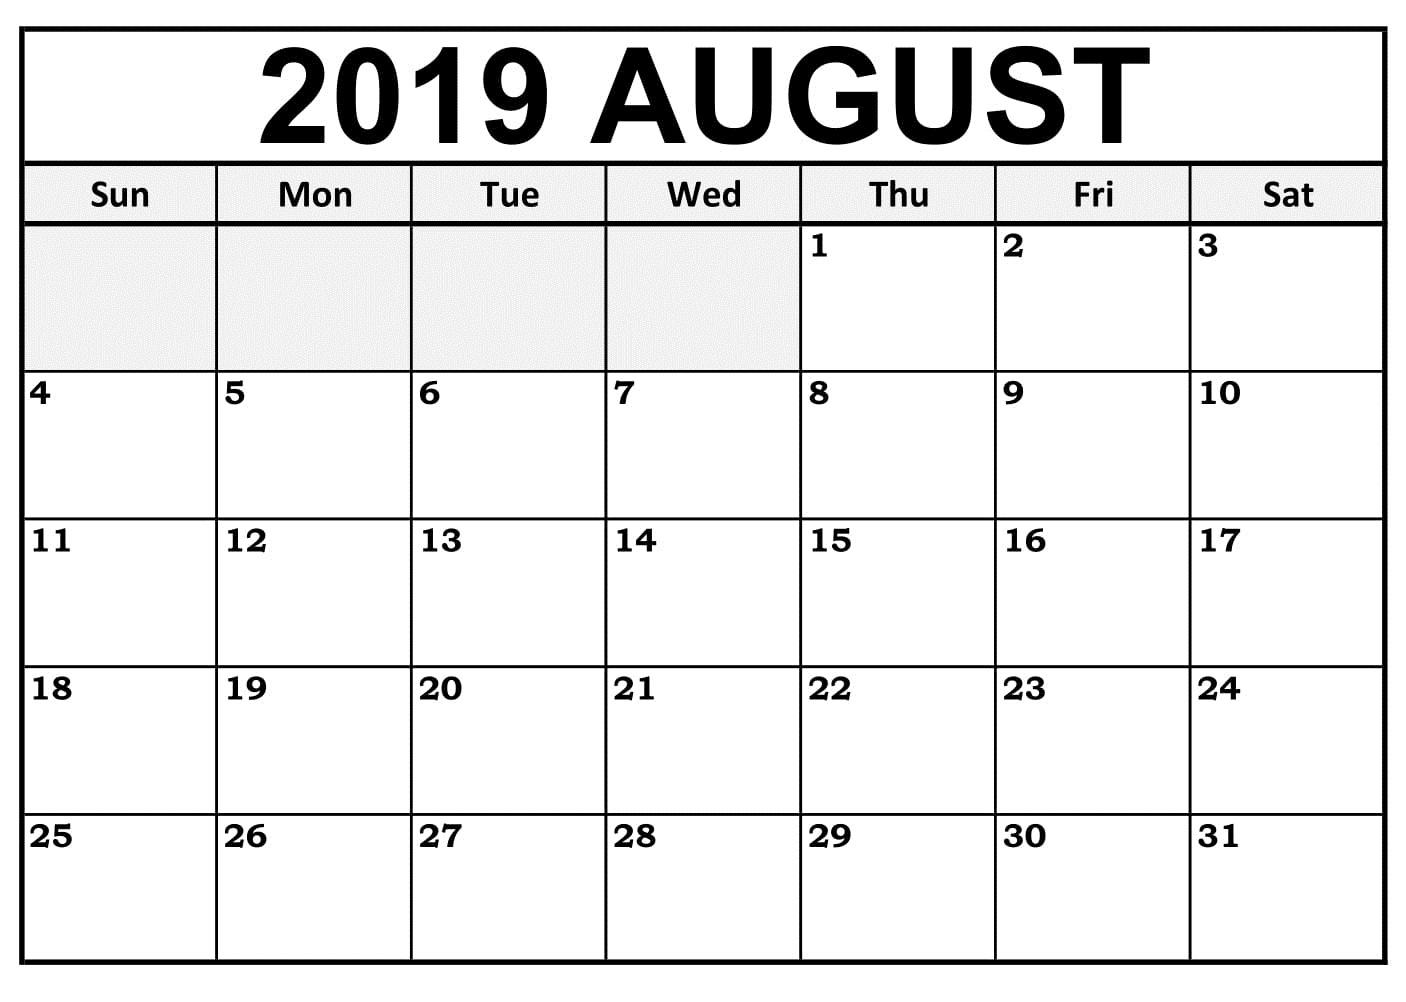 August 2019 Template Calendar